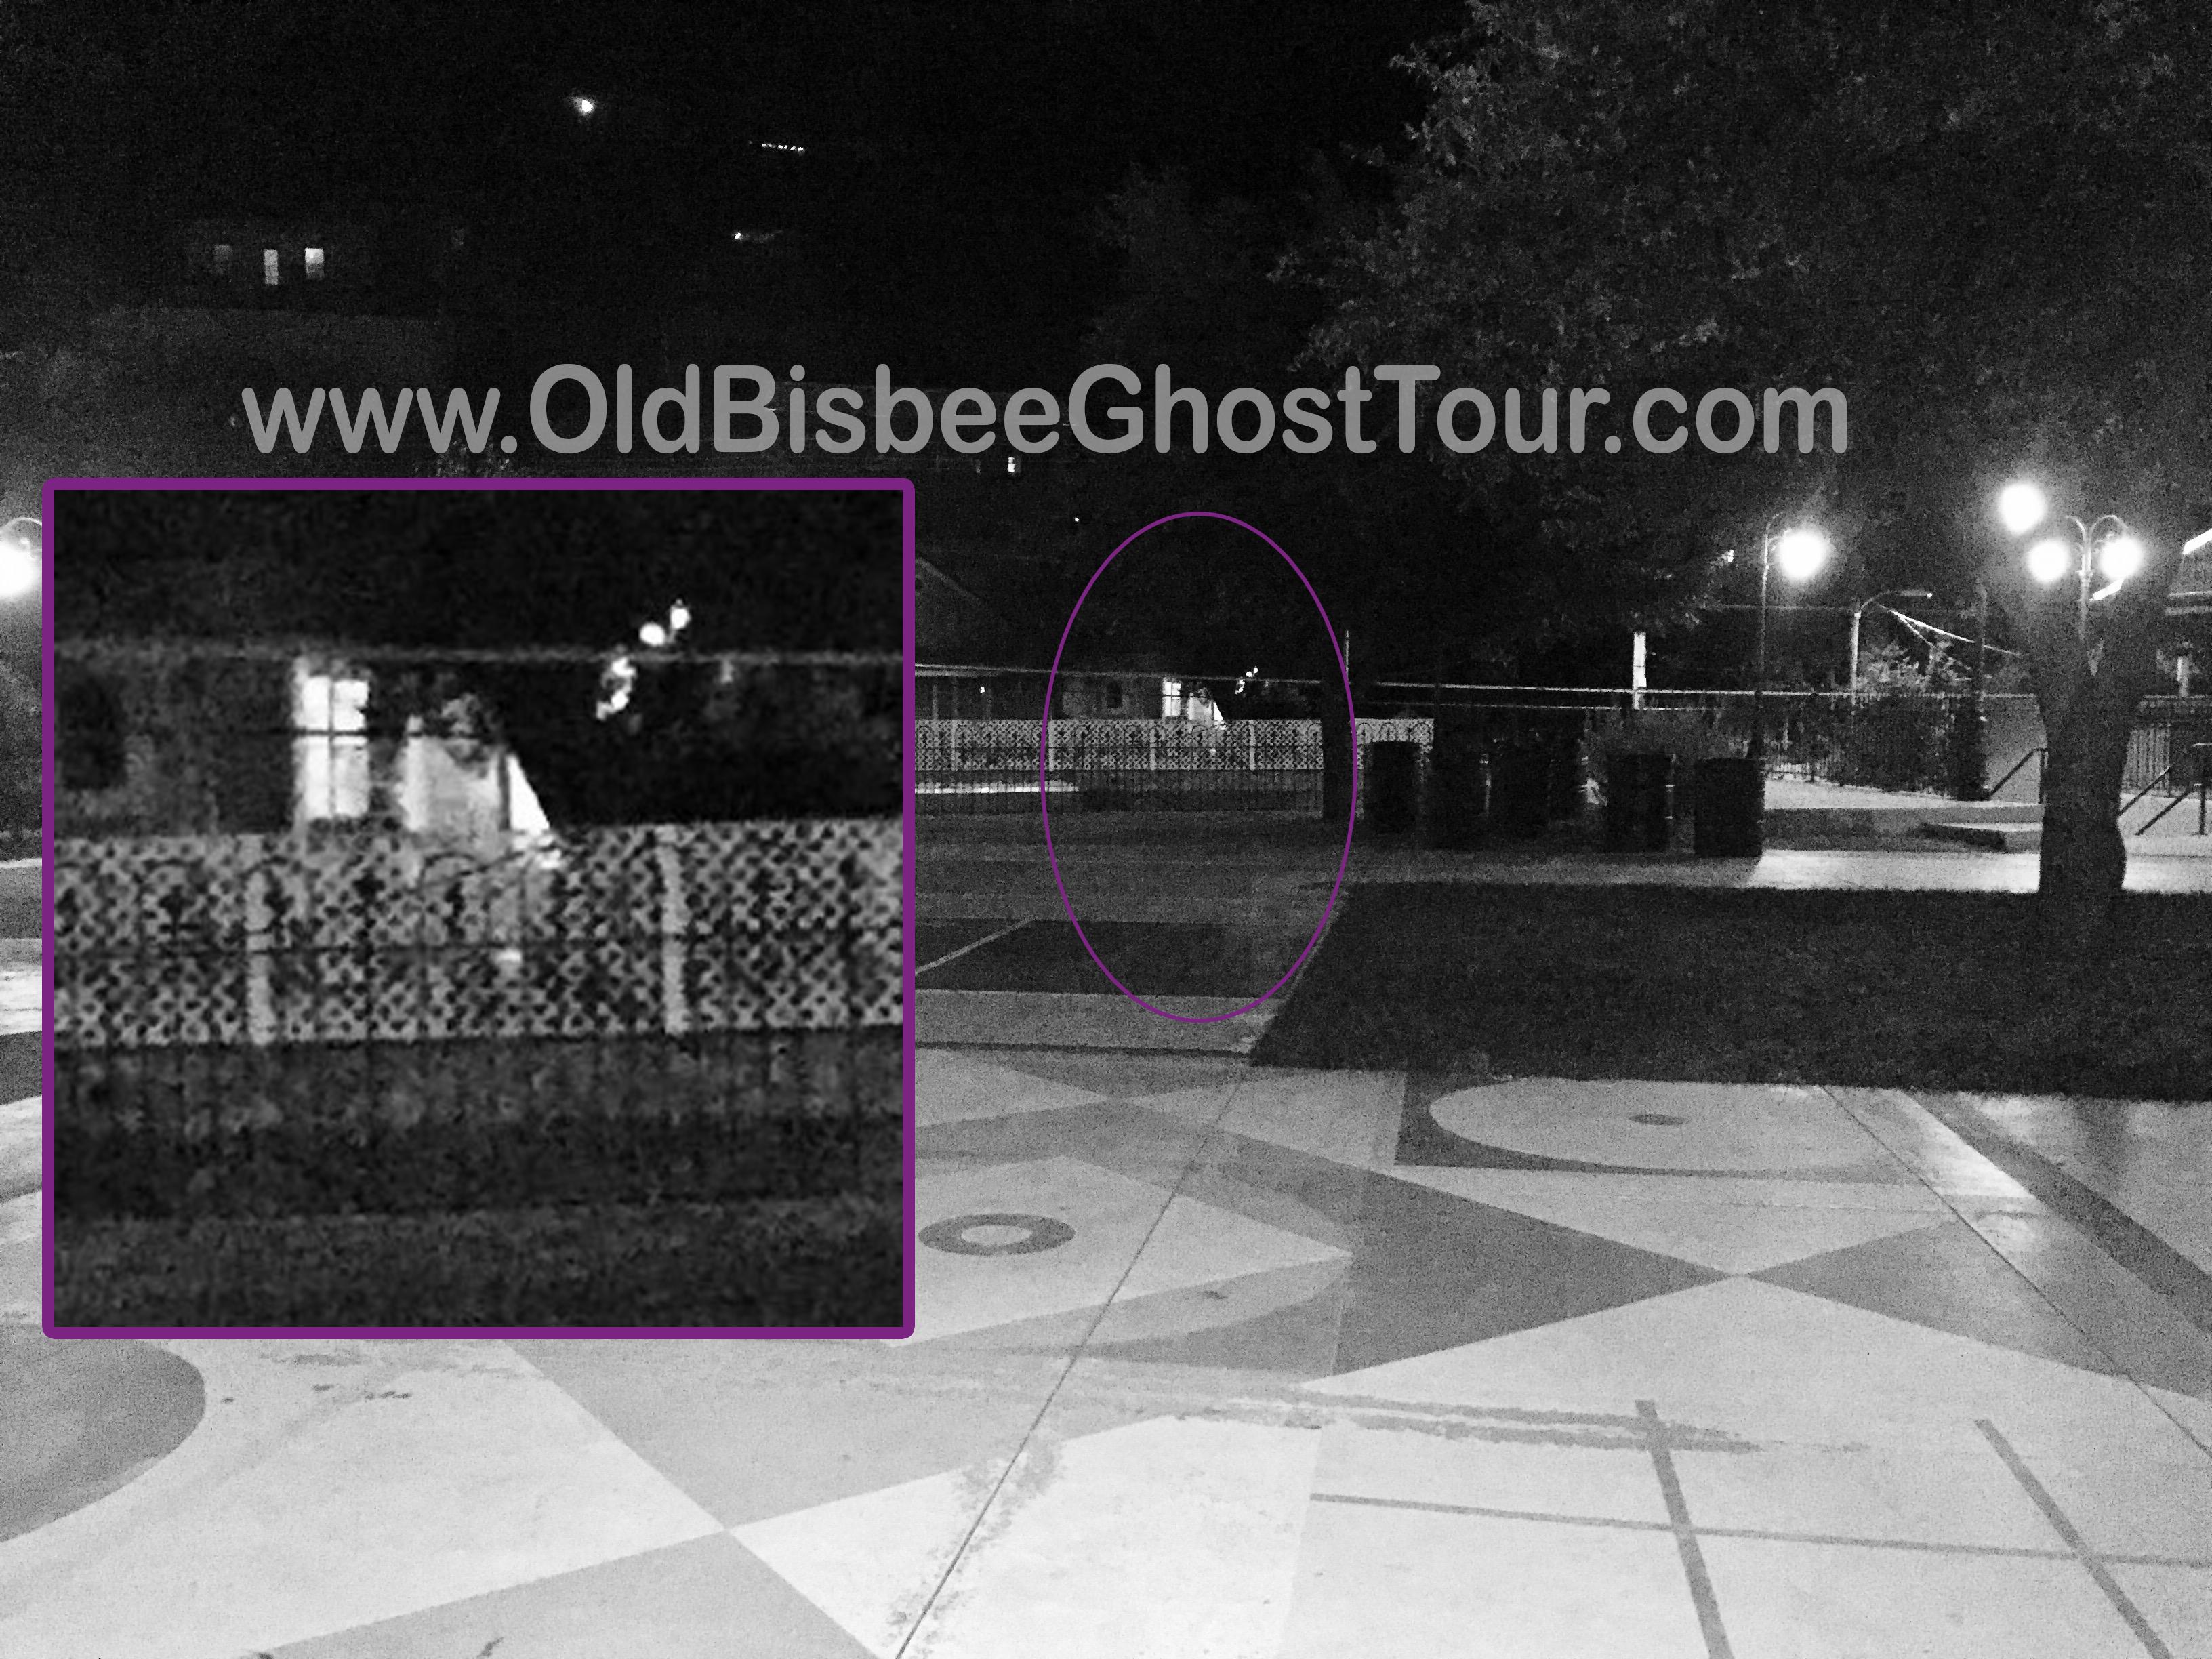 OldBisbeeGhostTourGhost2101516